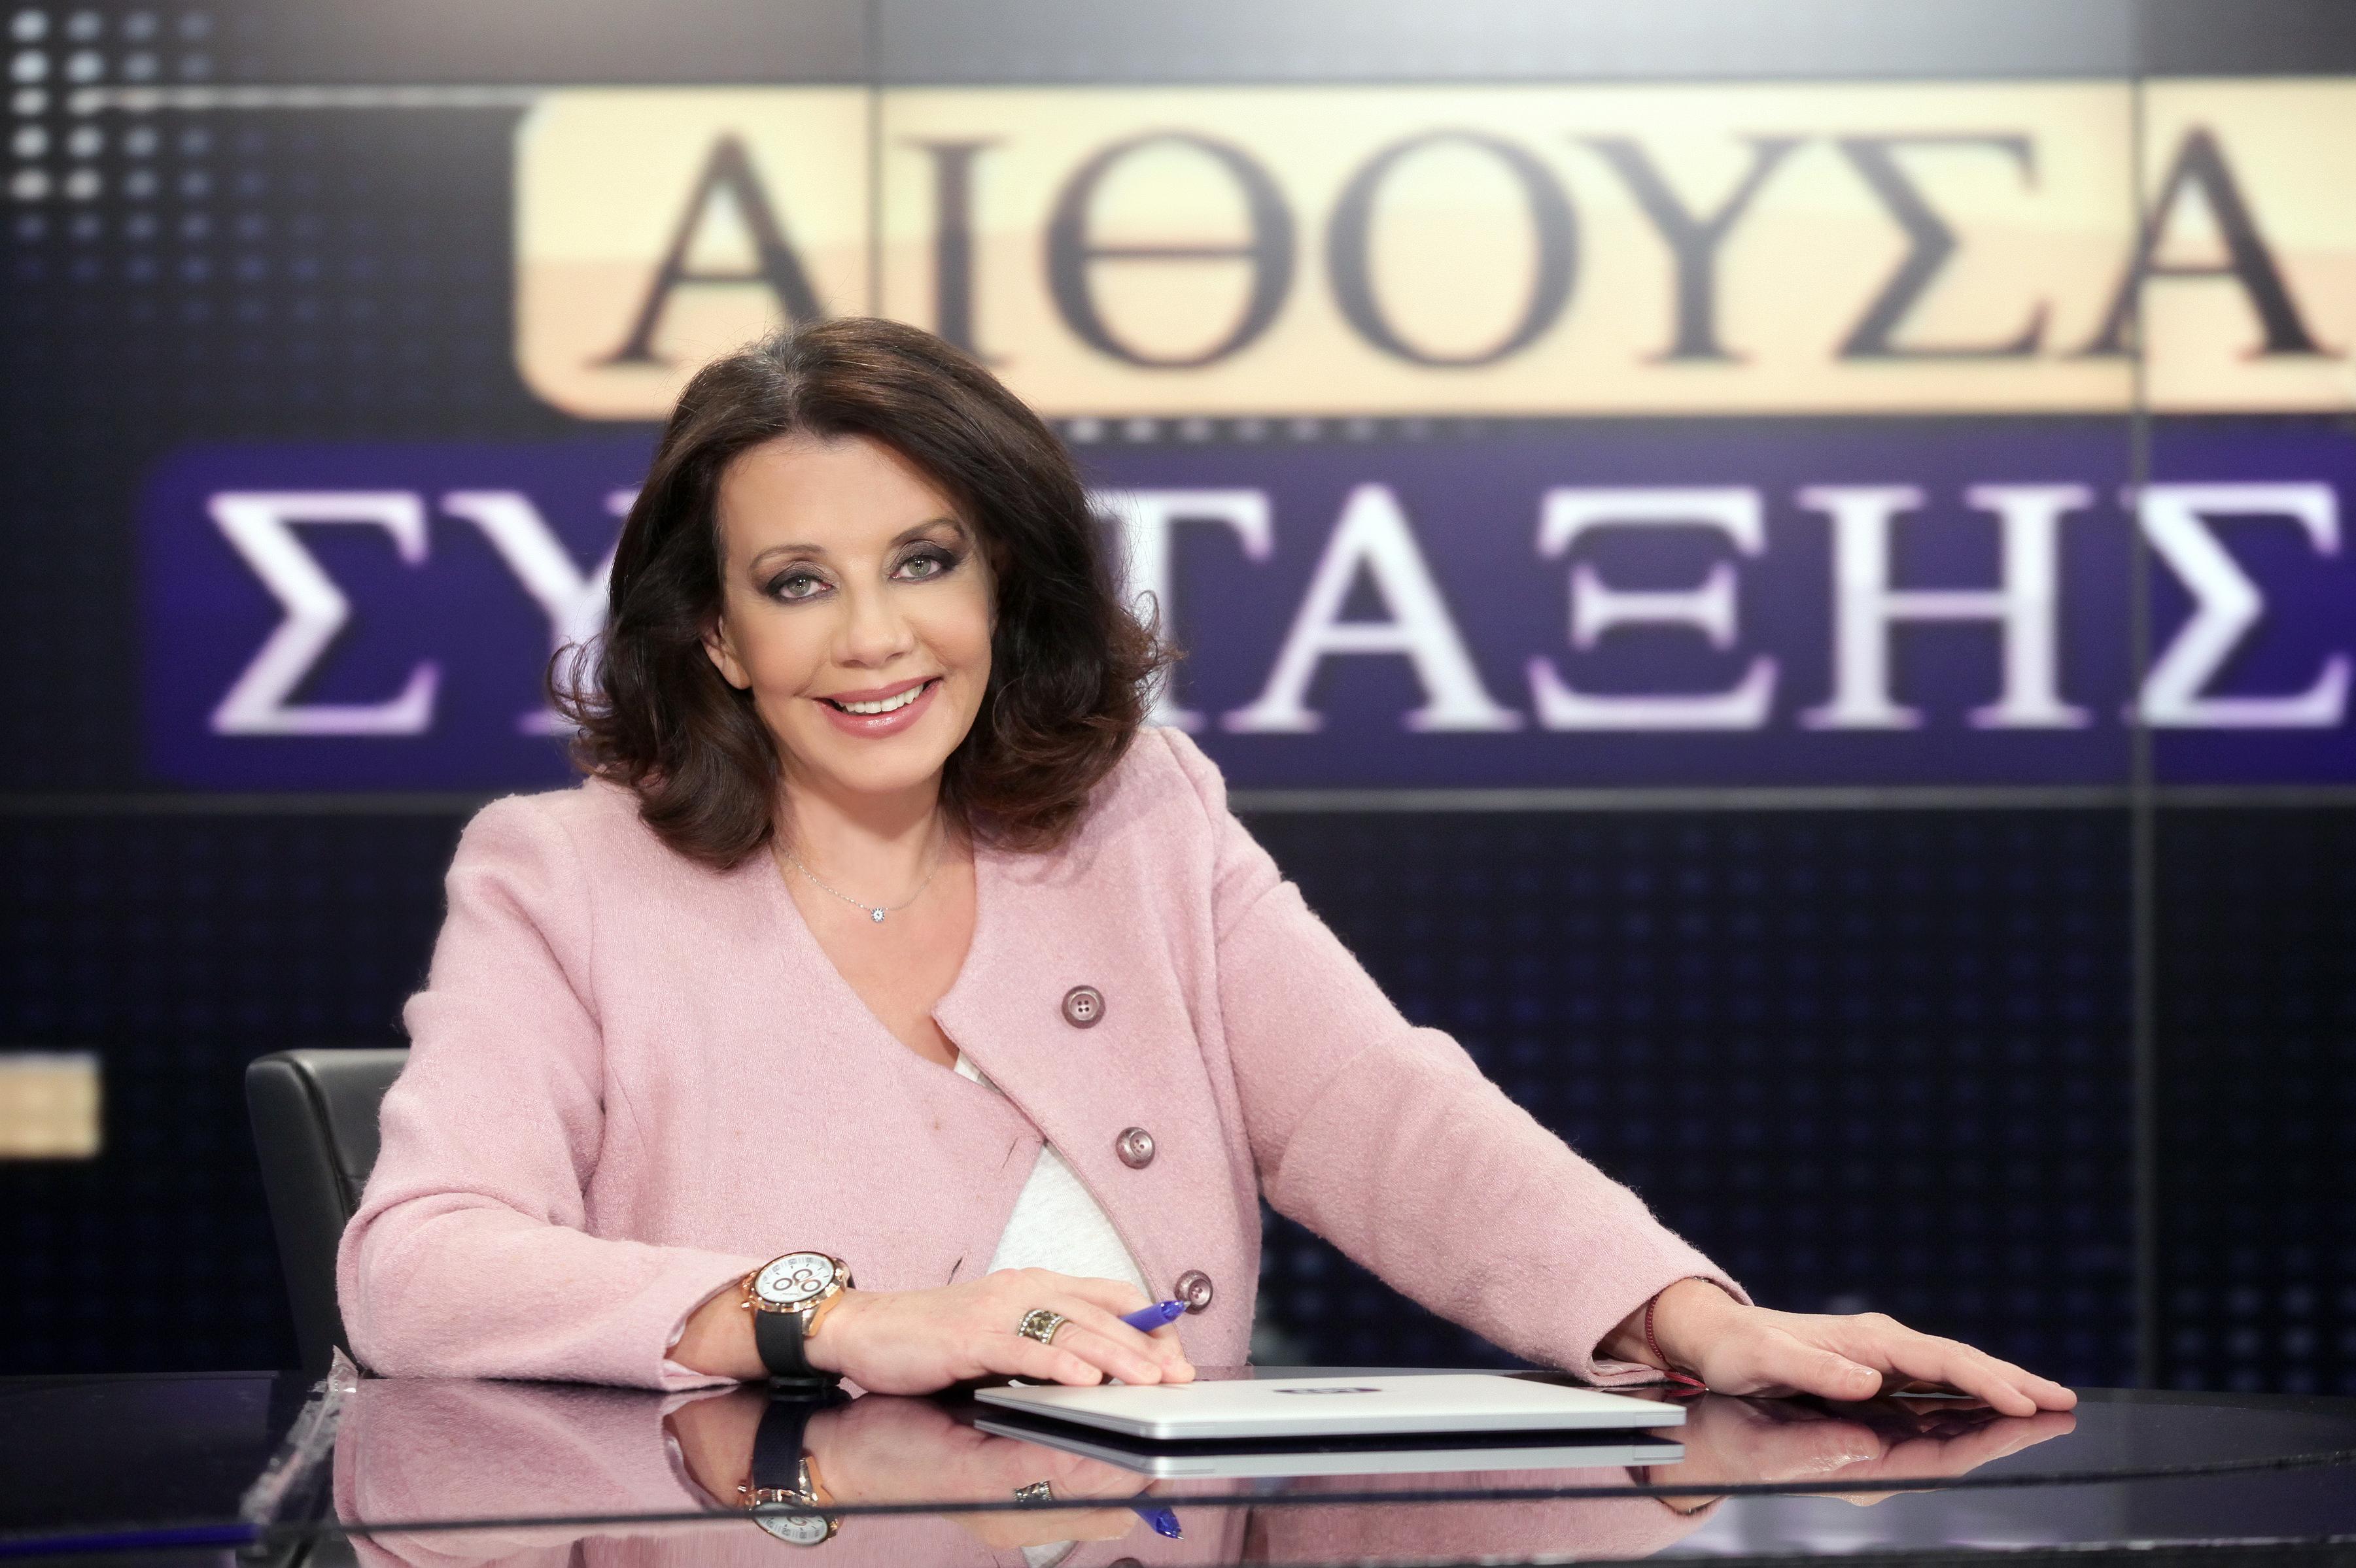 Ζητούν να φύγει η Ακριβοπούλου από την ΕΡΤ